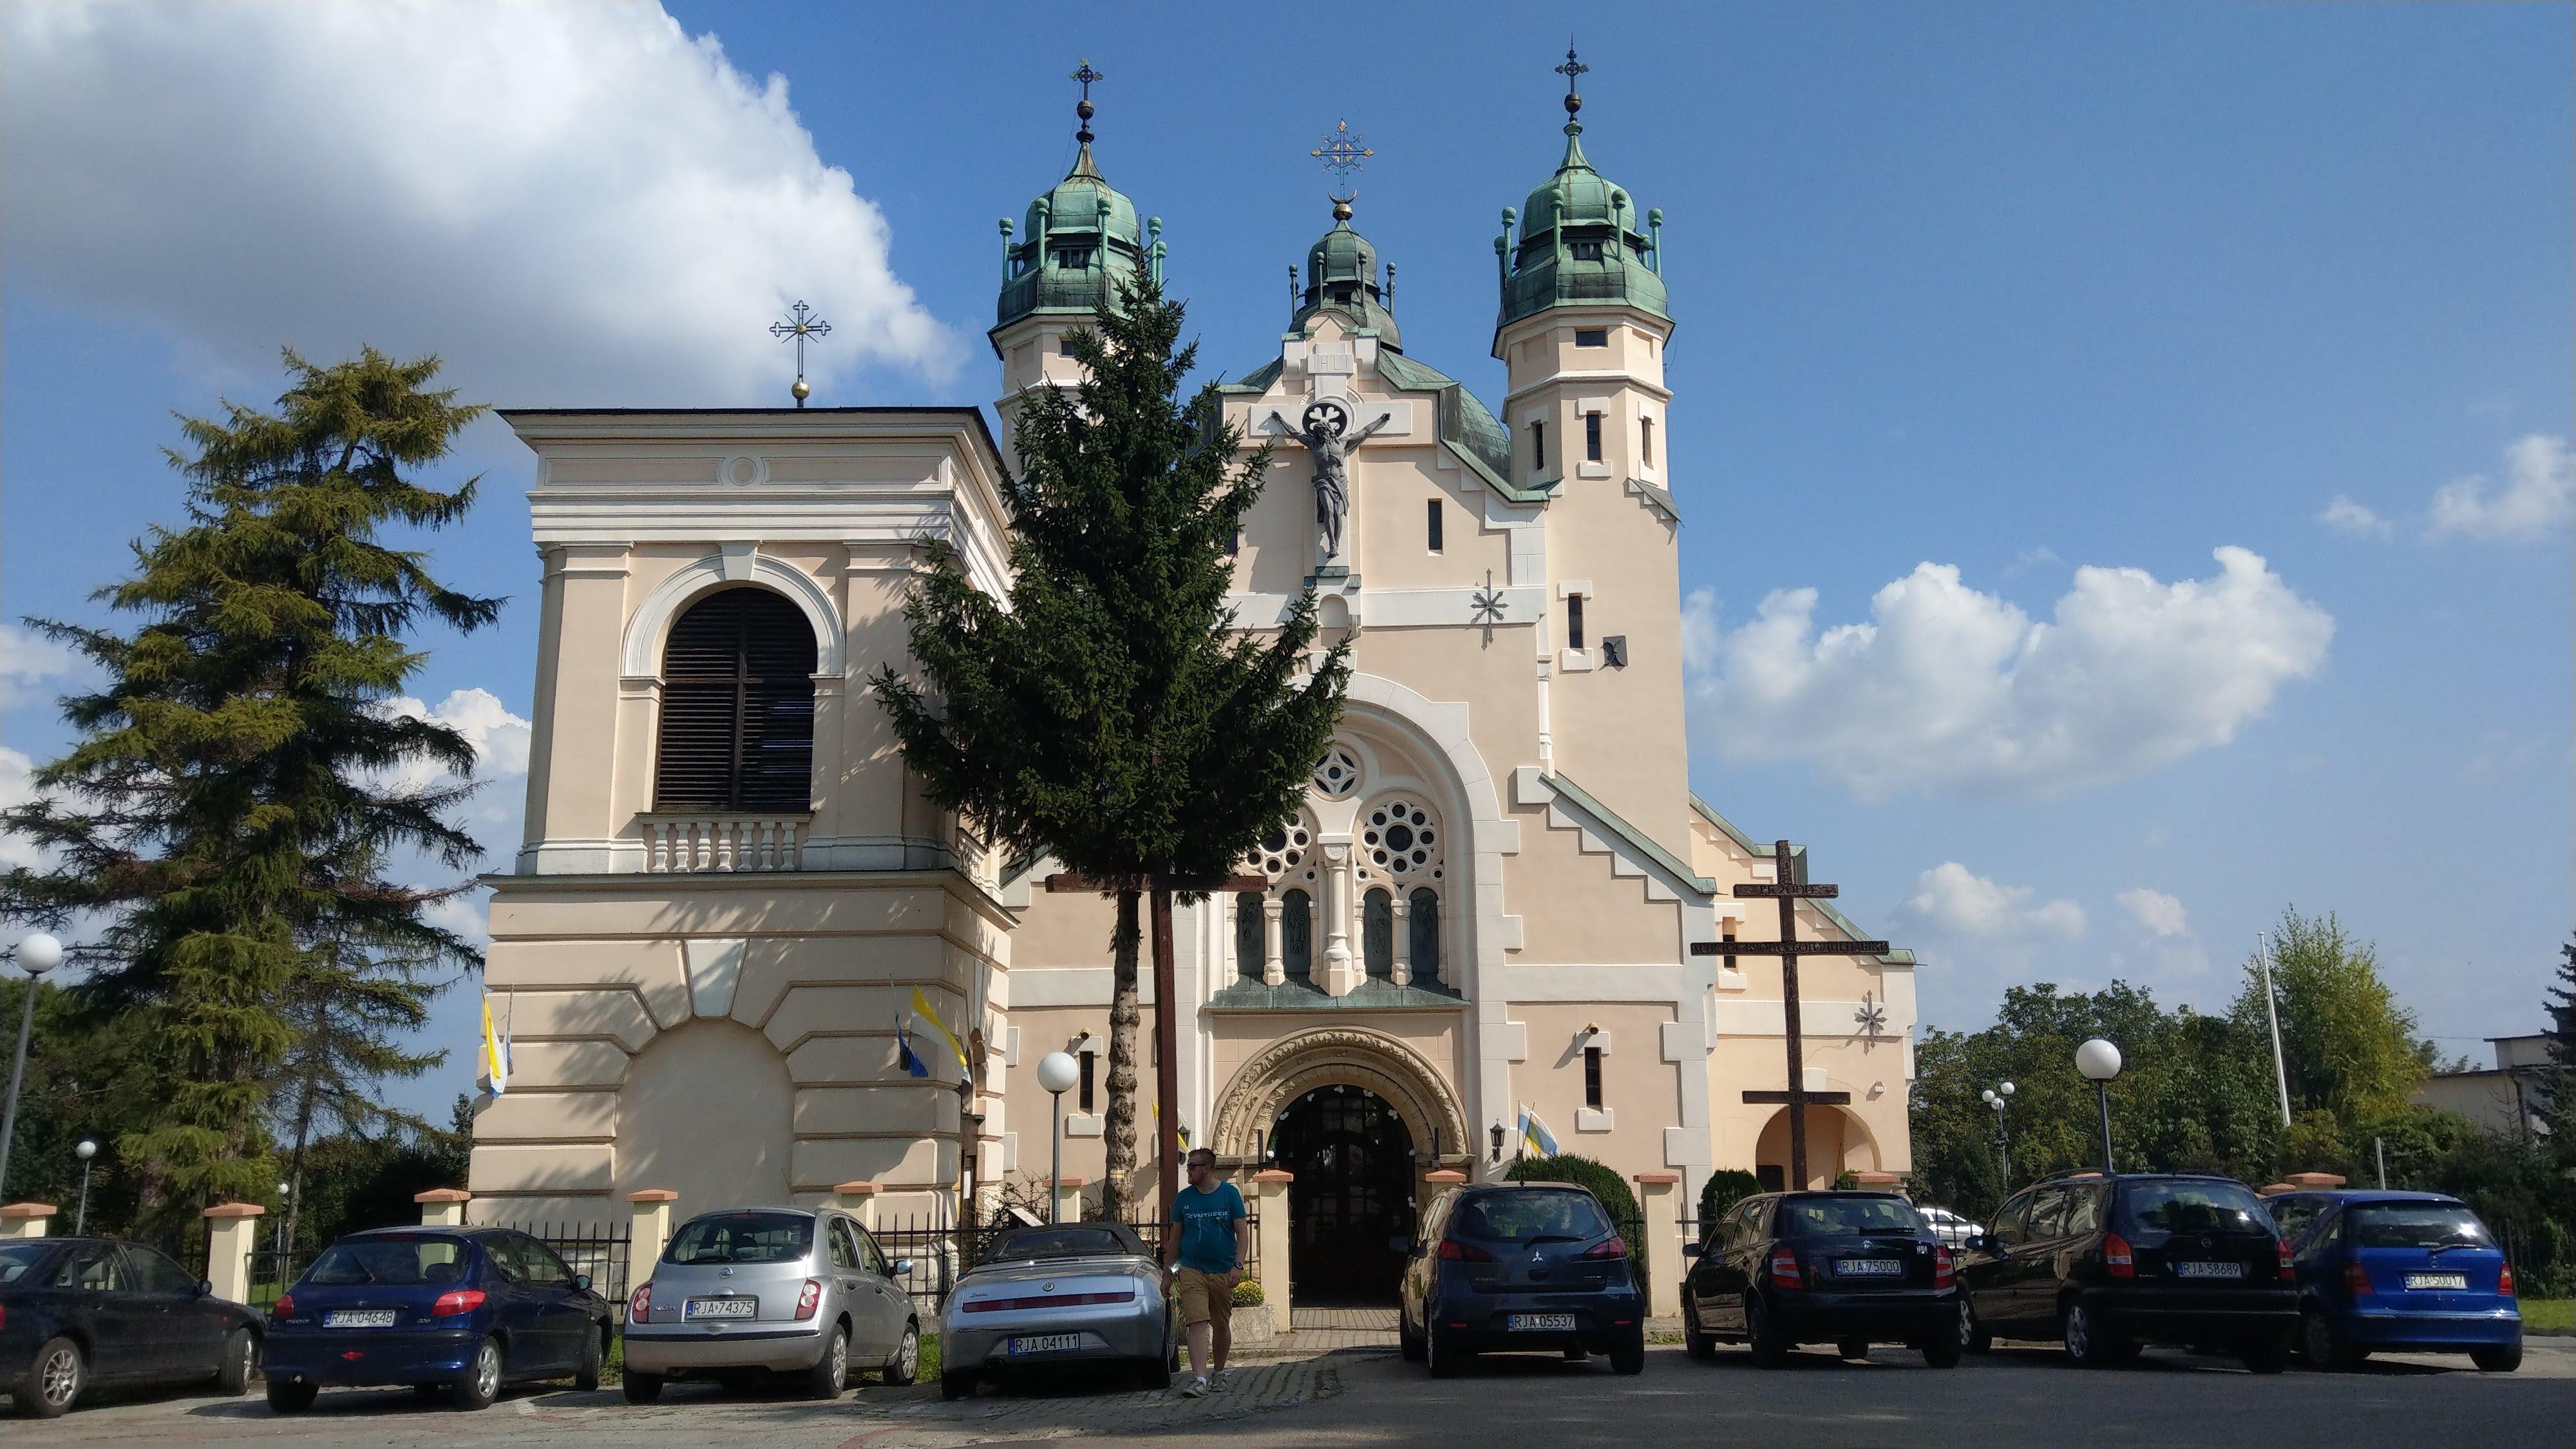 הכנסייה האוניאטית